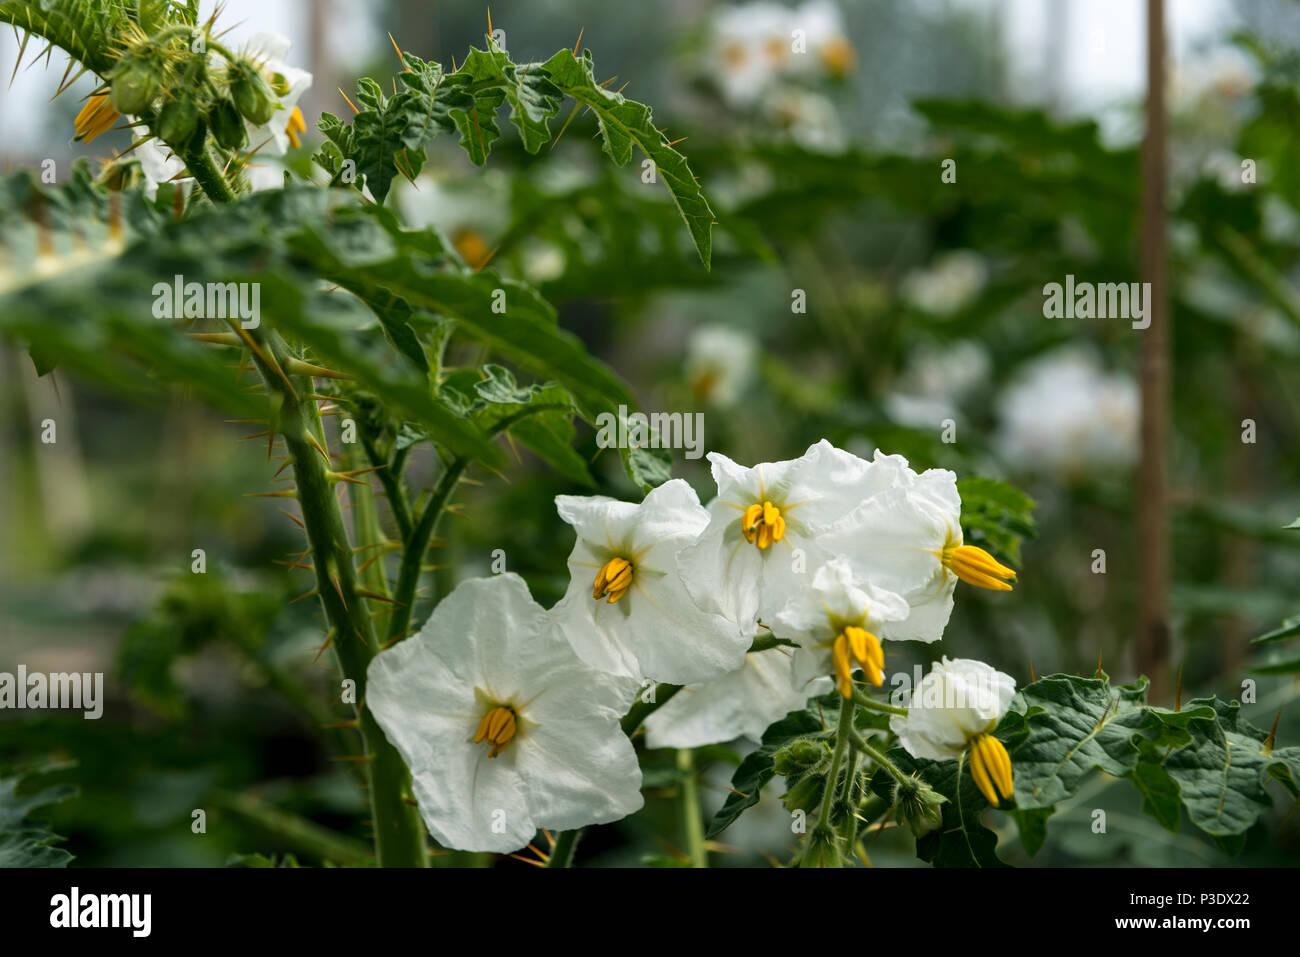 Solanum sisymbriifolium solanaceae south amrican white flowered solanum sisymbriifolium solanaceae south amrican white flowered plant mightylinksfo